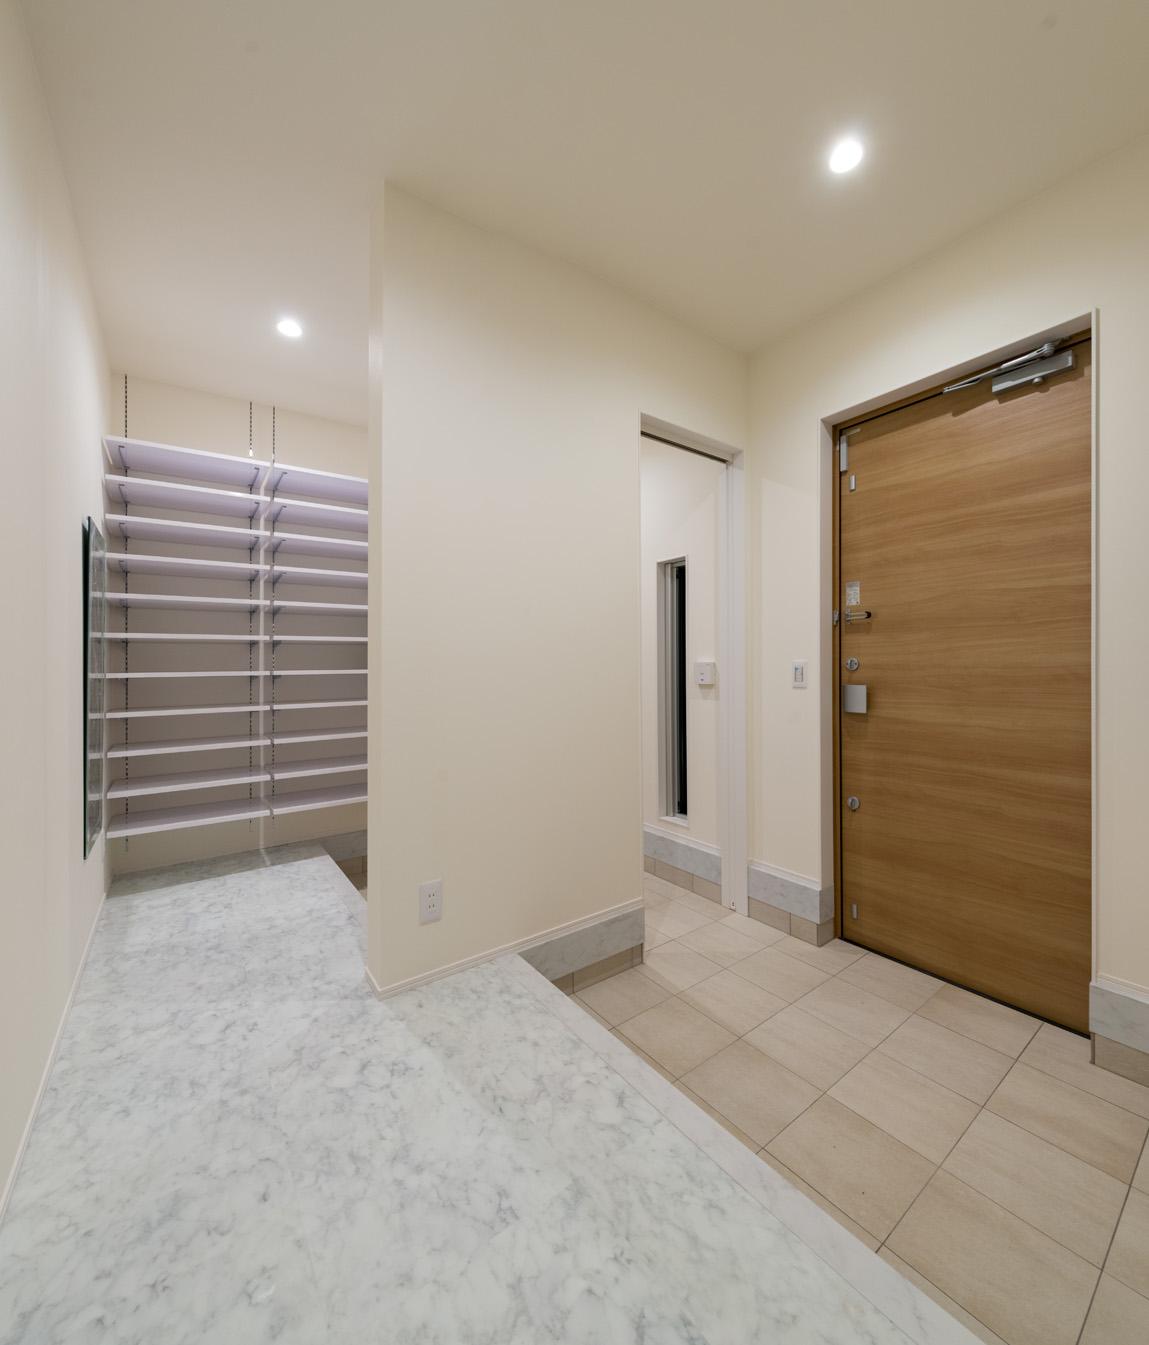 i.u.建築企画【デザイン住宅、建築家、ガレージ】玄関には大容量のシューズクロークを併設。ホールの床には大理石調のフロアタイルを採用し、シンプルモダンにコーディネート